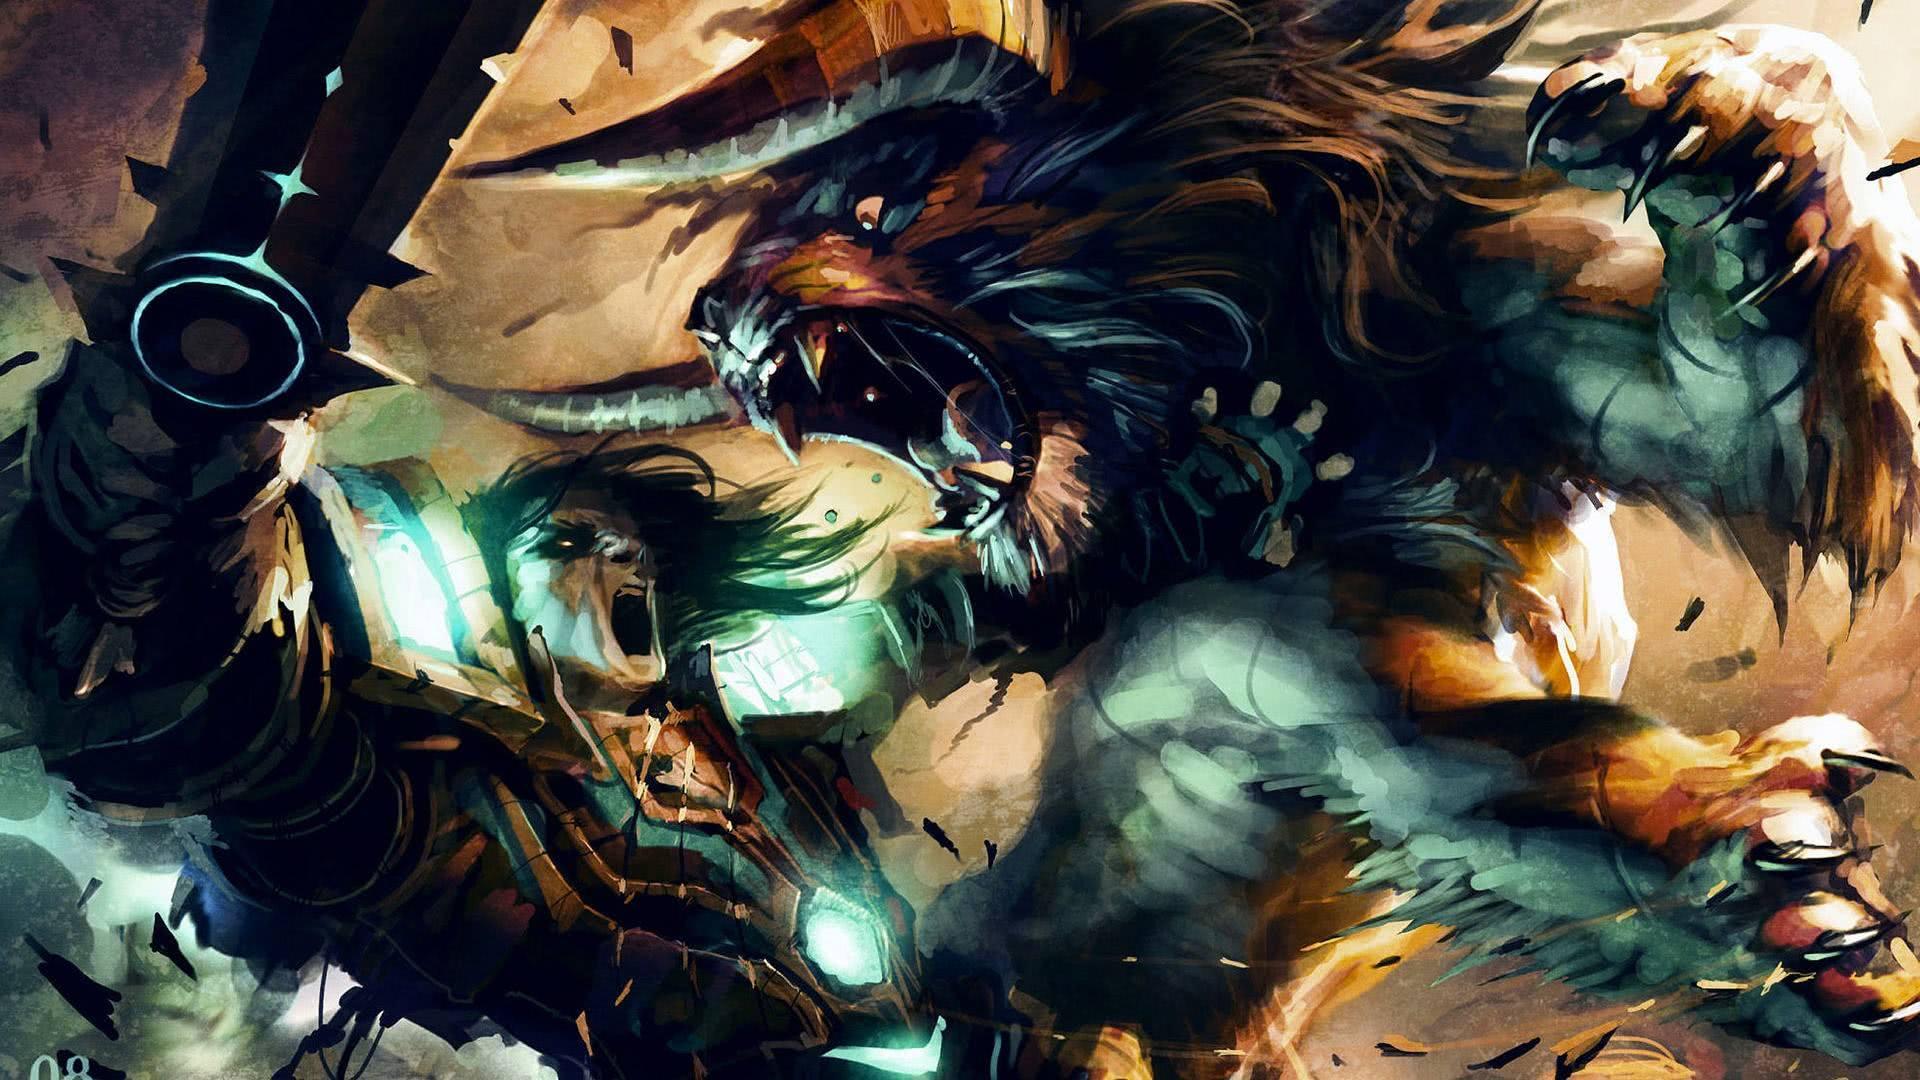 魔兽世界:8.0赞达拉巨魔德鲁伊猫形态曝光